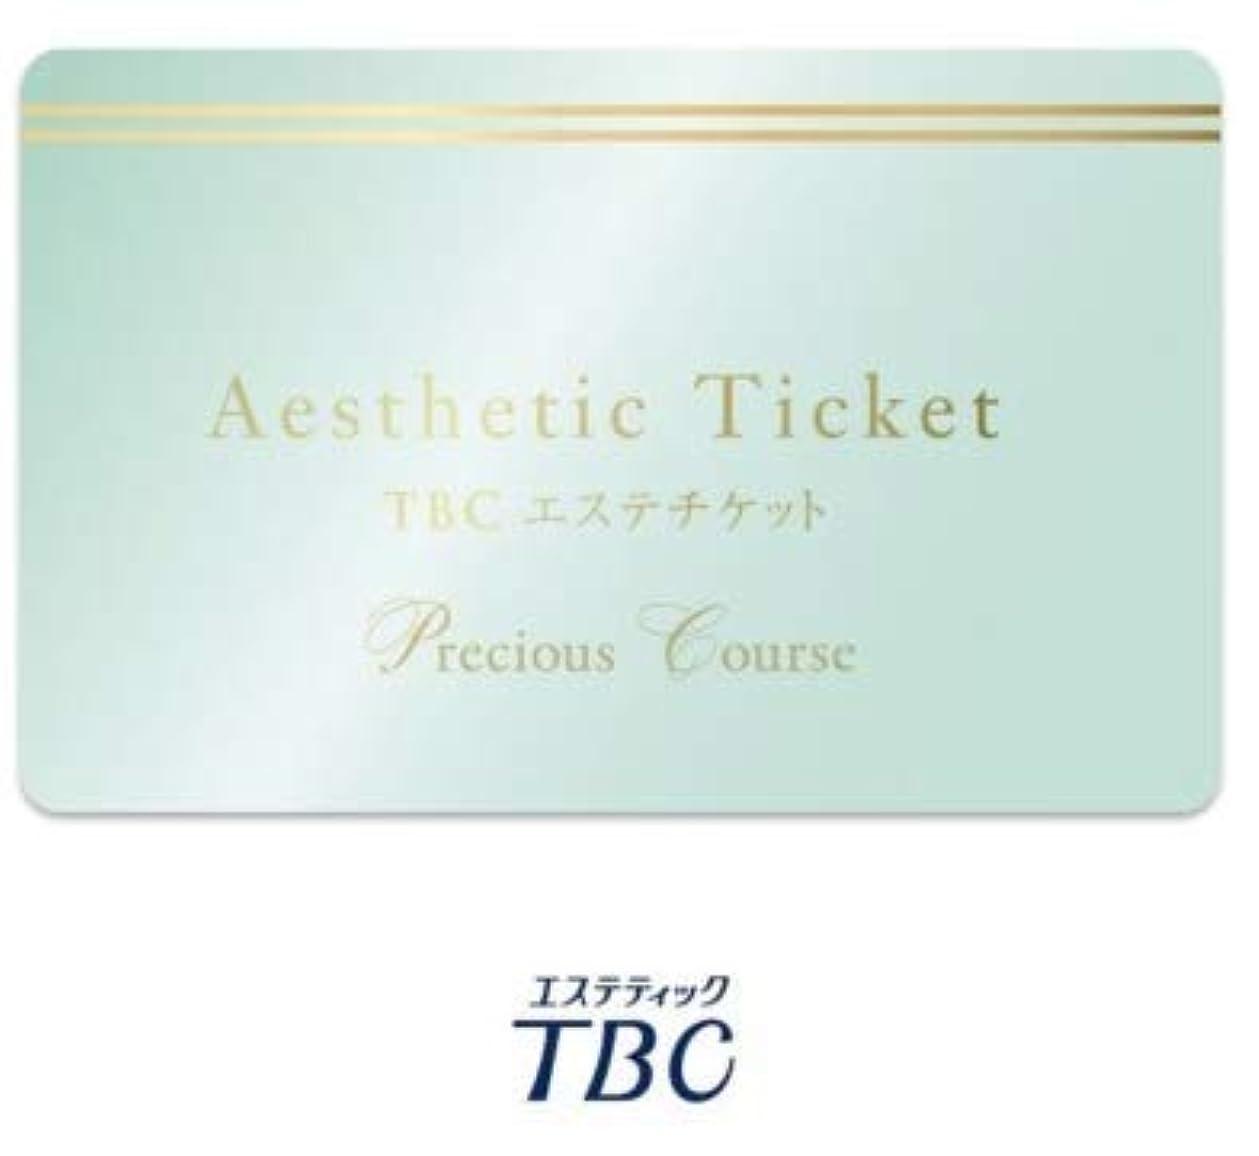 まっすぐ怒り担当者TBC エステ チケット【公式】 プレシャスコース1回分